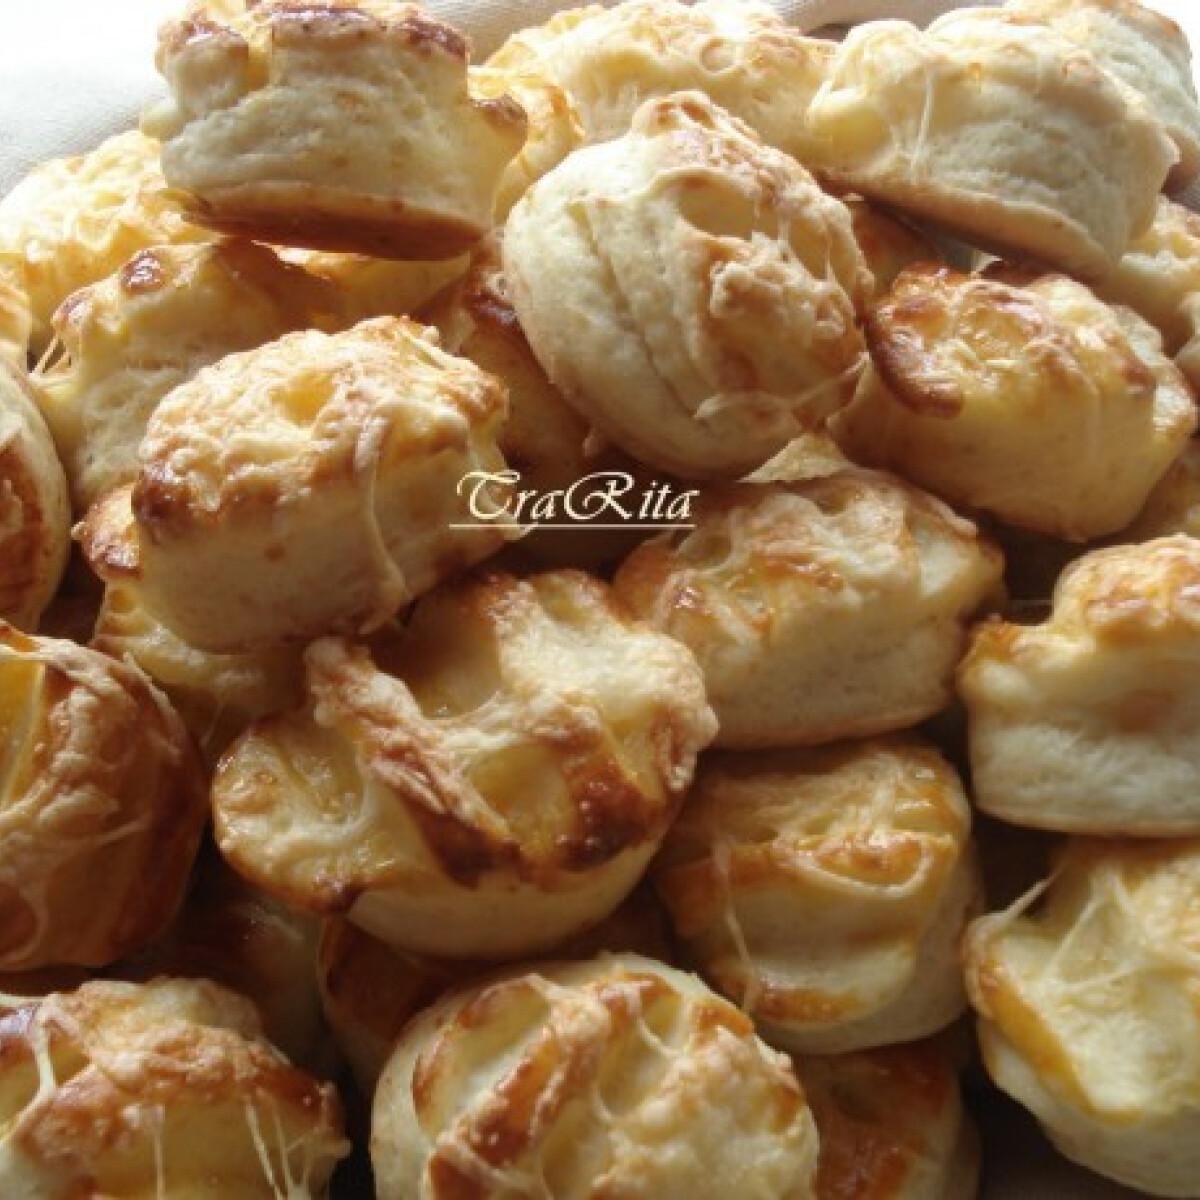 Ezen a képen: Joghurtos pogácsák TraRita konyhájából